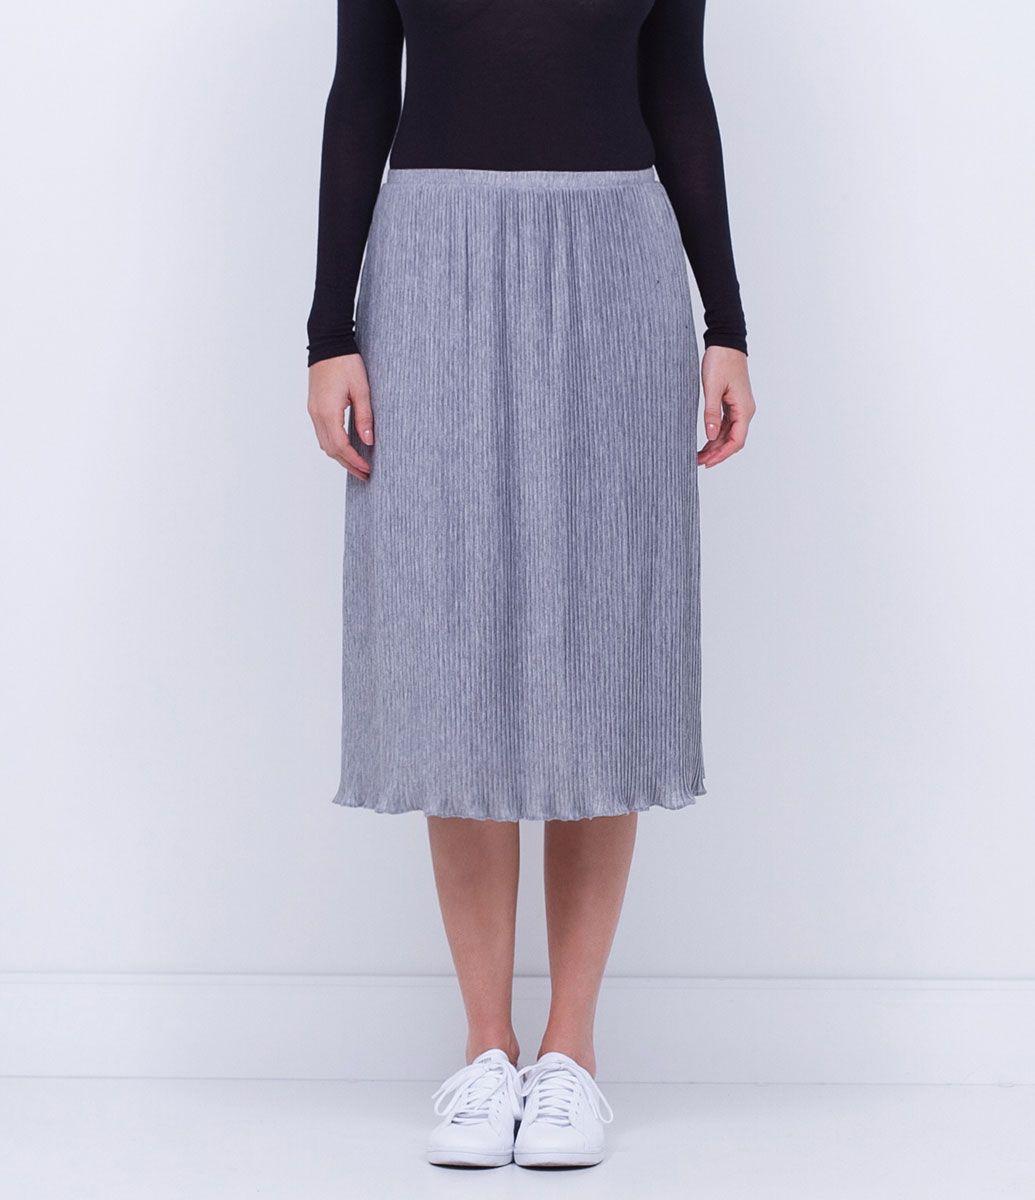 Saia feminina  Modelo midi  Plissada  Marca: Marfinno  Tecido: poliéster  Composição: 67% poliéster; 33% viscose  Modelo veste tamanho: 36       COLEÇÃO INVERNO 2016     Veja outras opções de    saias femininas.